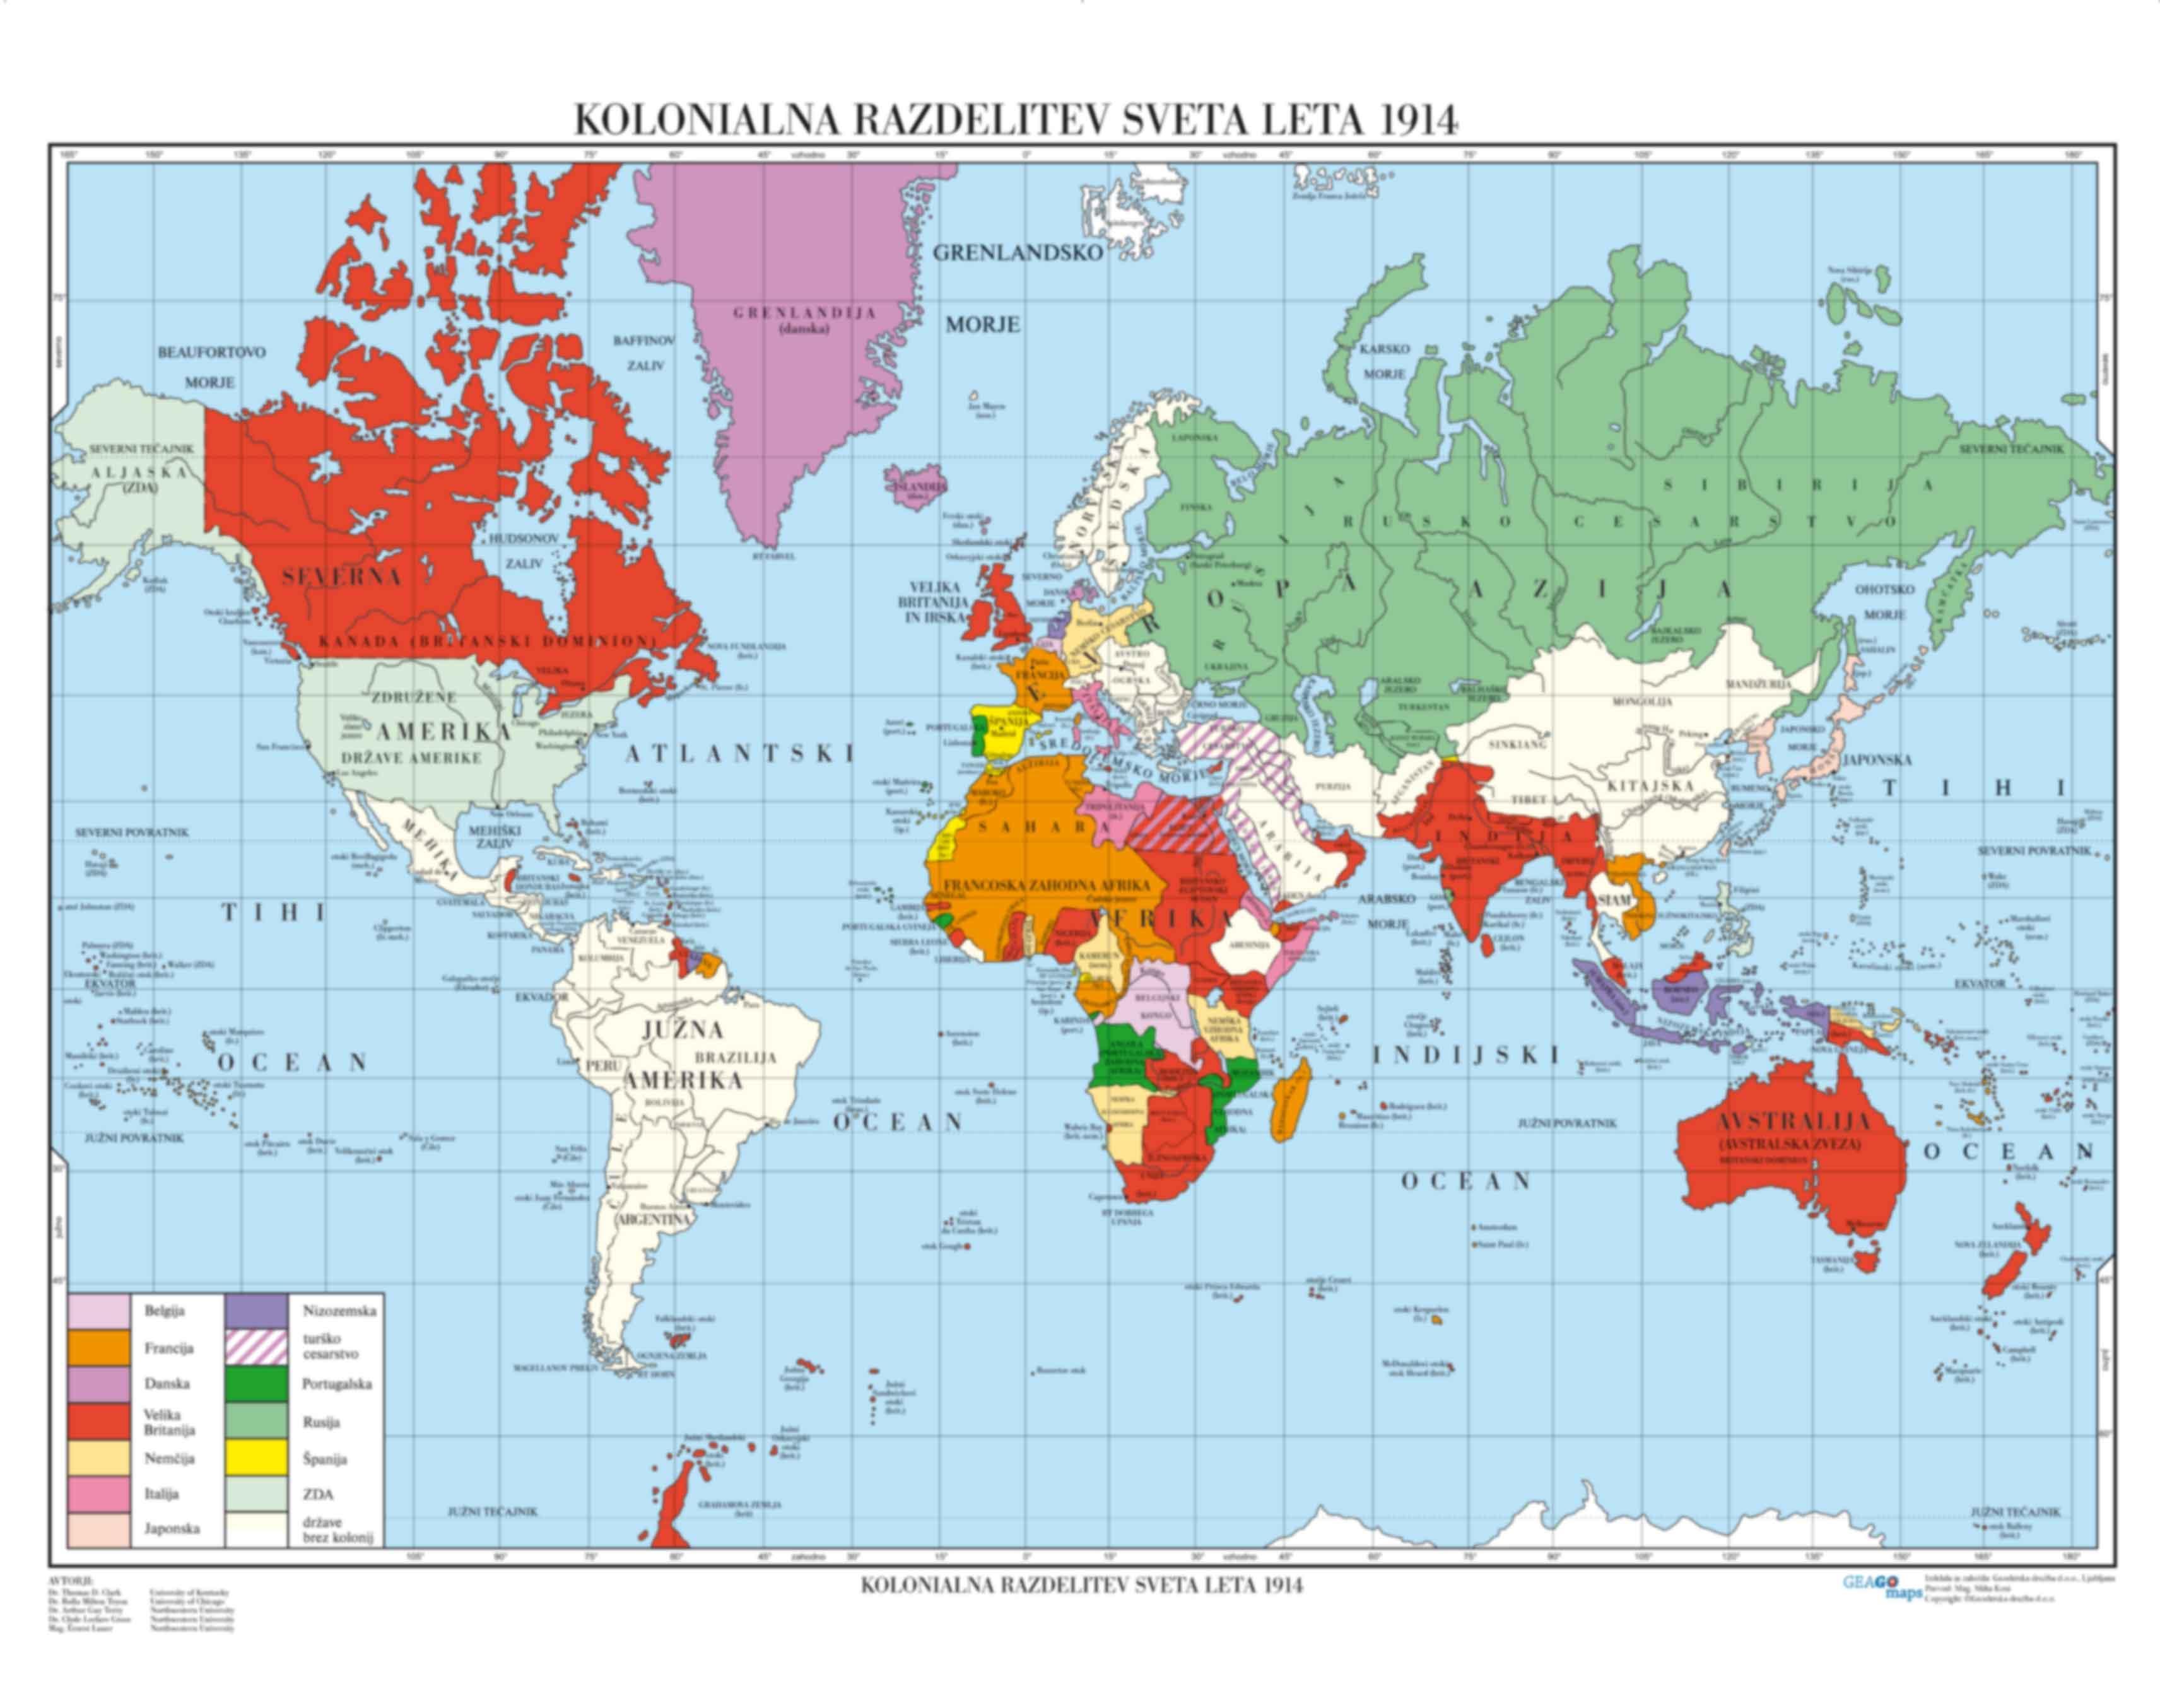 Kolonialna razdelitev sveta leta 1914